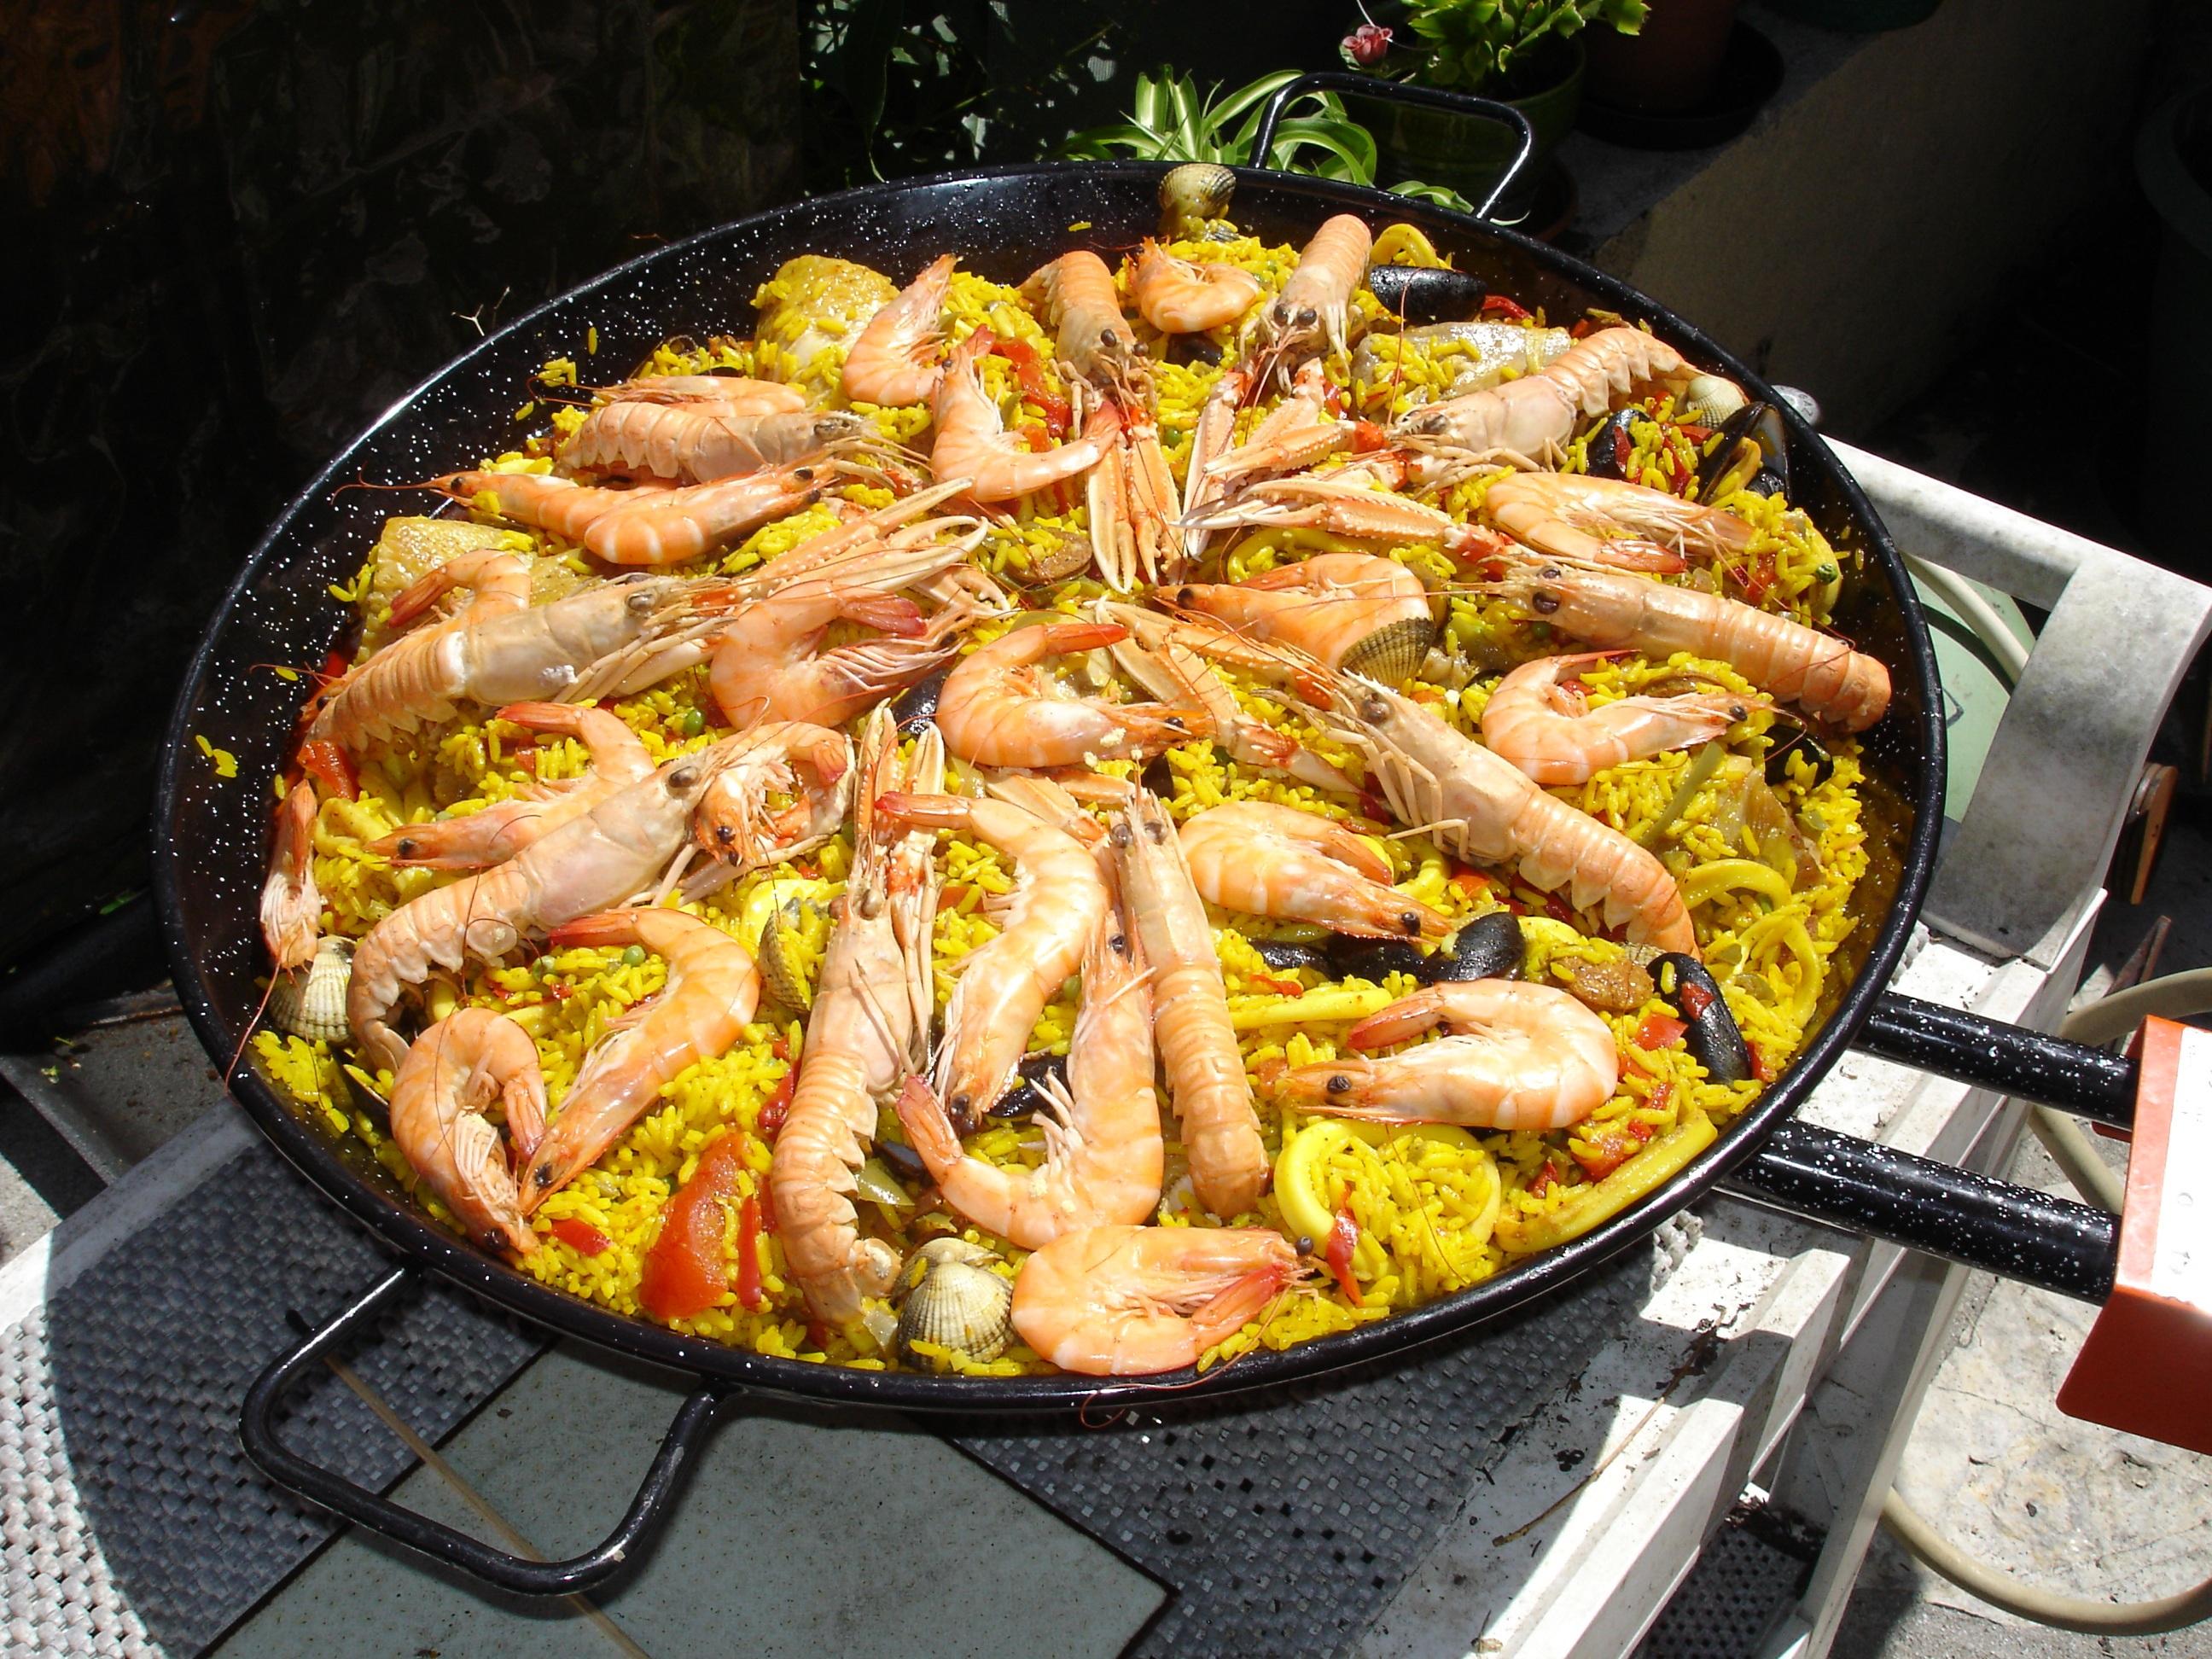 Fotos gratis : plato, cocina, carne, Mejillones, paella ...